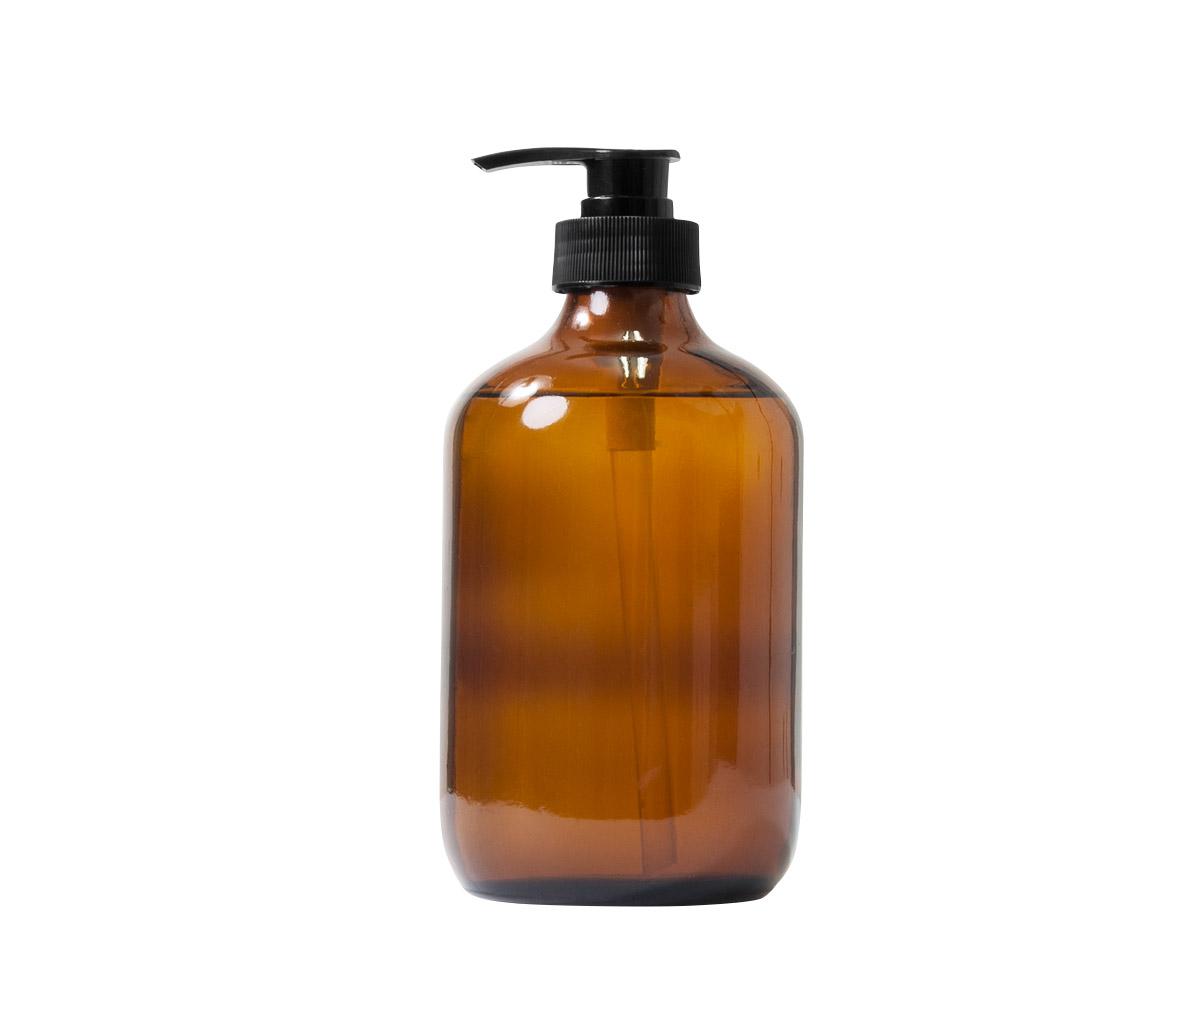 elixir for damaged beard trimmer barbers shop. Black Bedroom Furniture Sets. Home Design Ideas